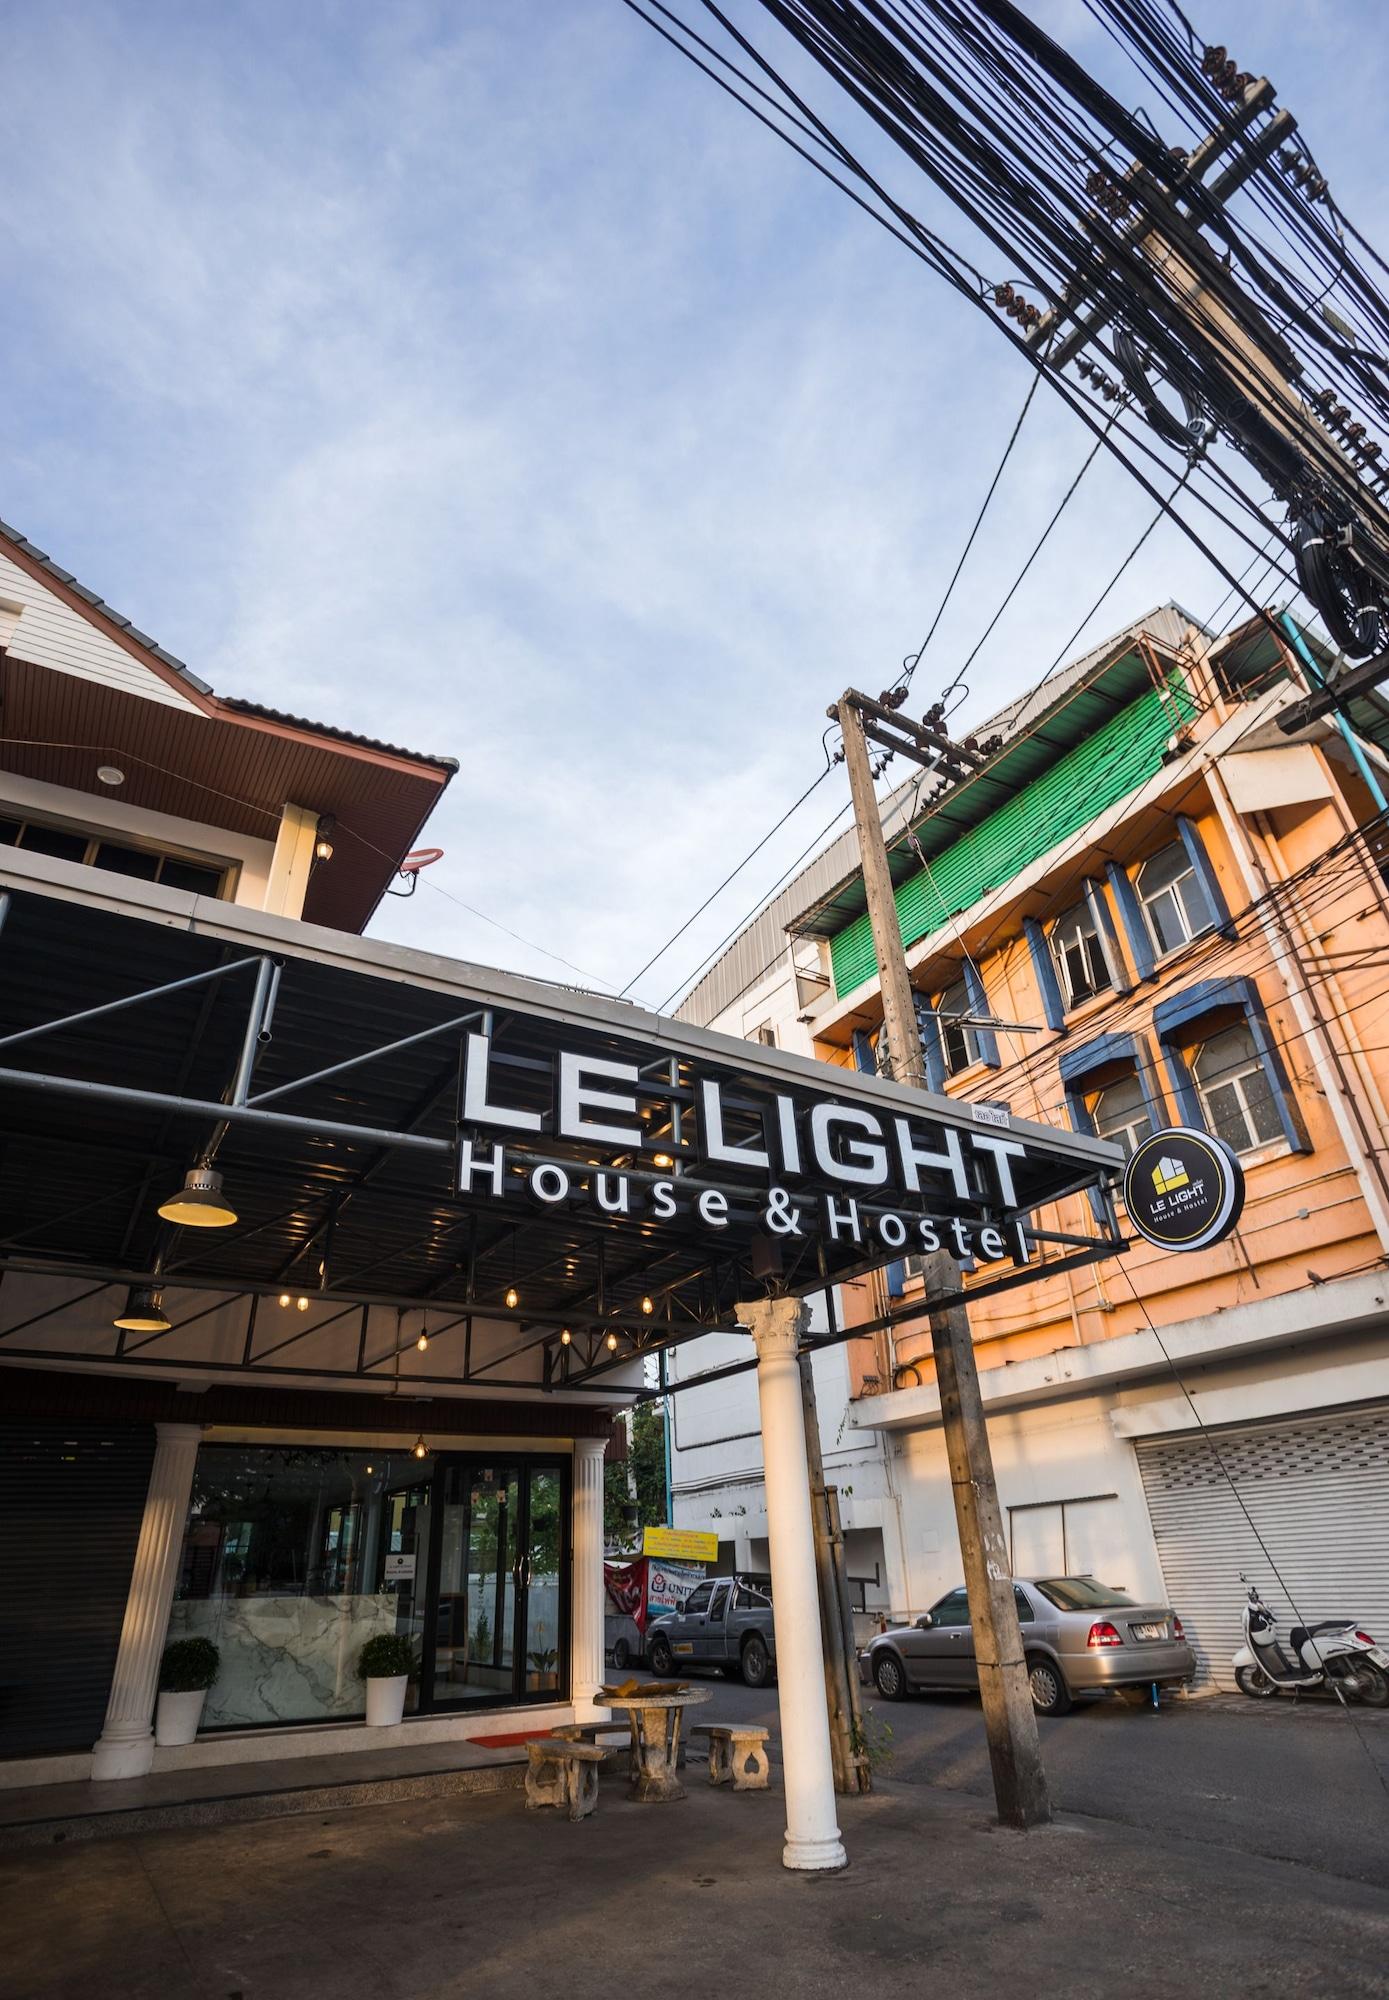 Le Light House & Hostel, Muang Chiang Mai